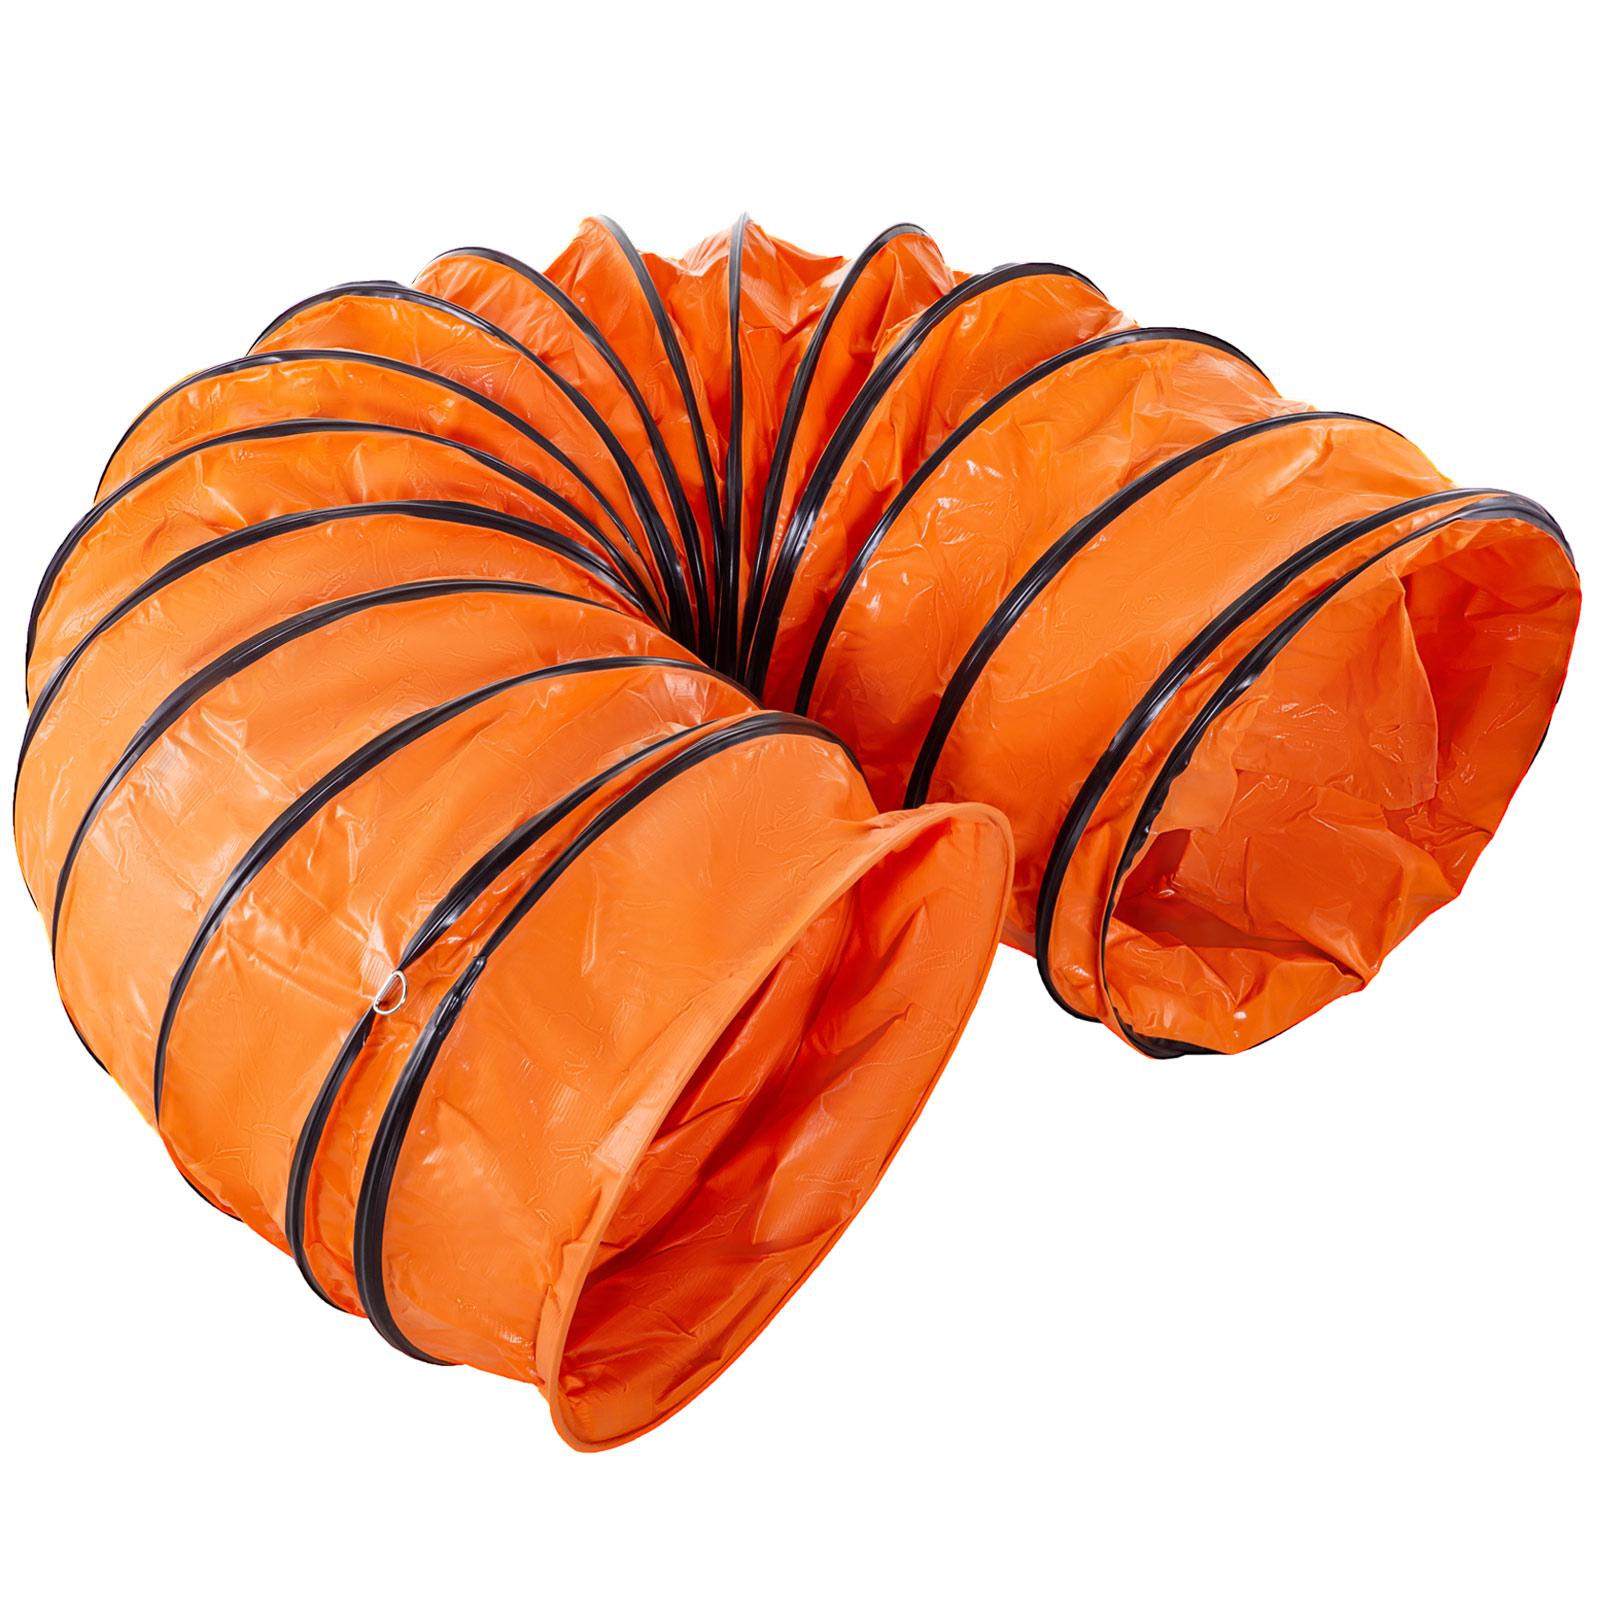 Tubo-Condotto-3m-356mm-Aria-Riscaldamento-Di-Aspirazione-Flessibile-2-Ganci miniatura 10